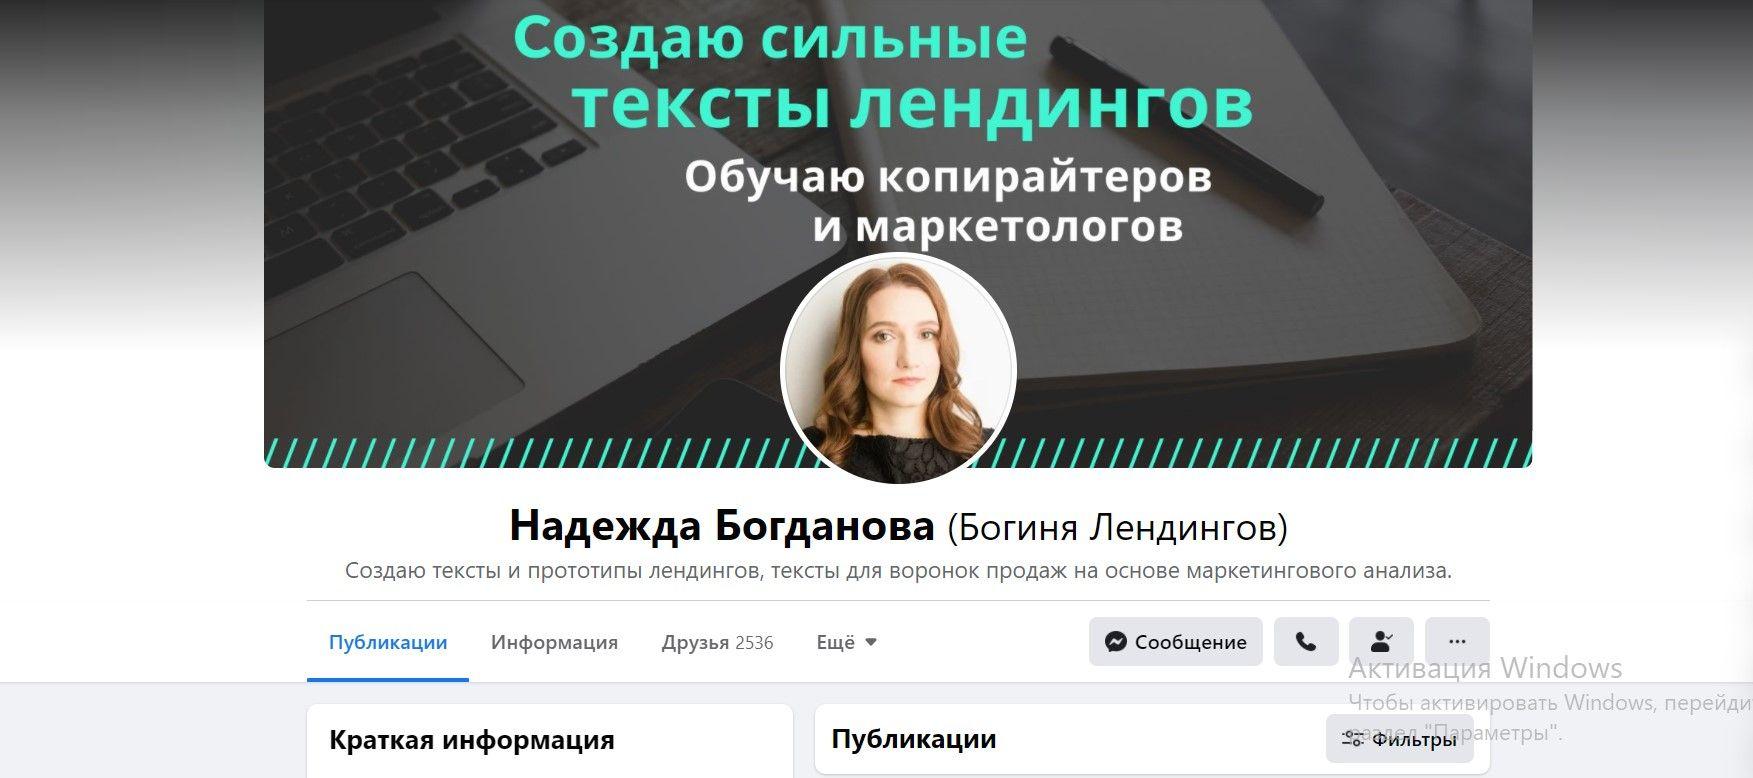 В Фейсбуке Надежда Богданова получает не только заявки, но и полезные советы